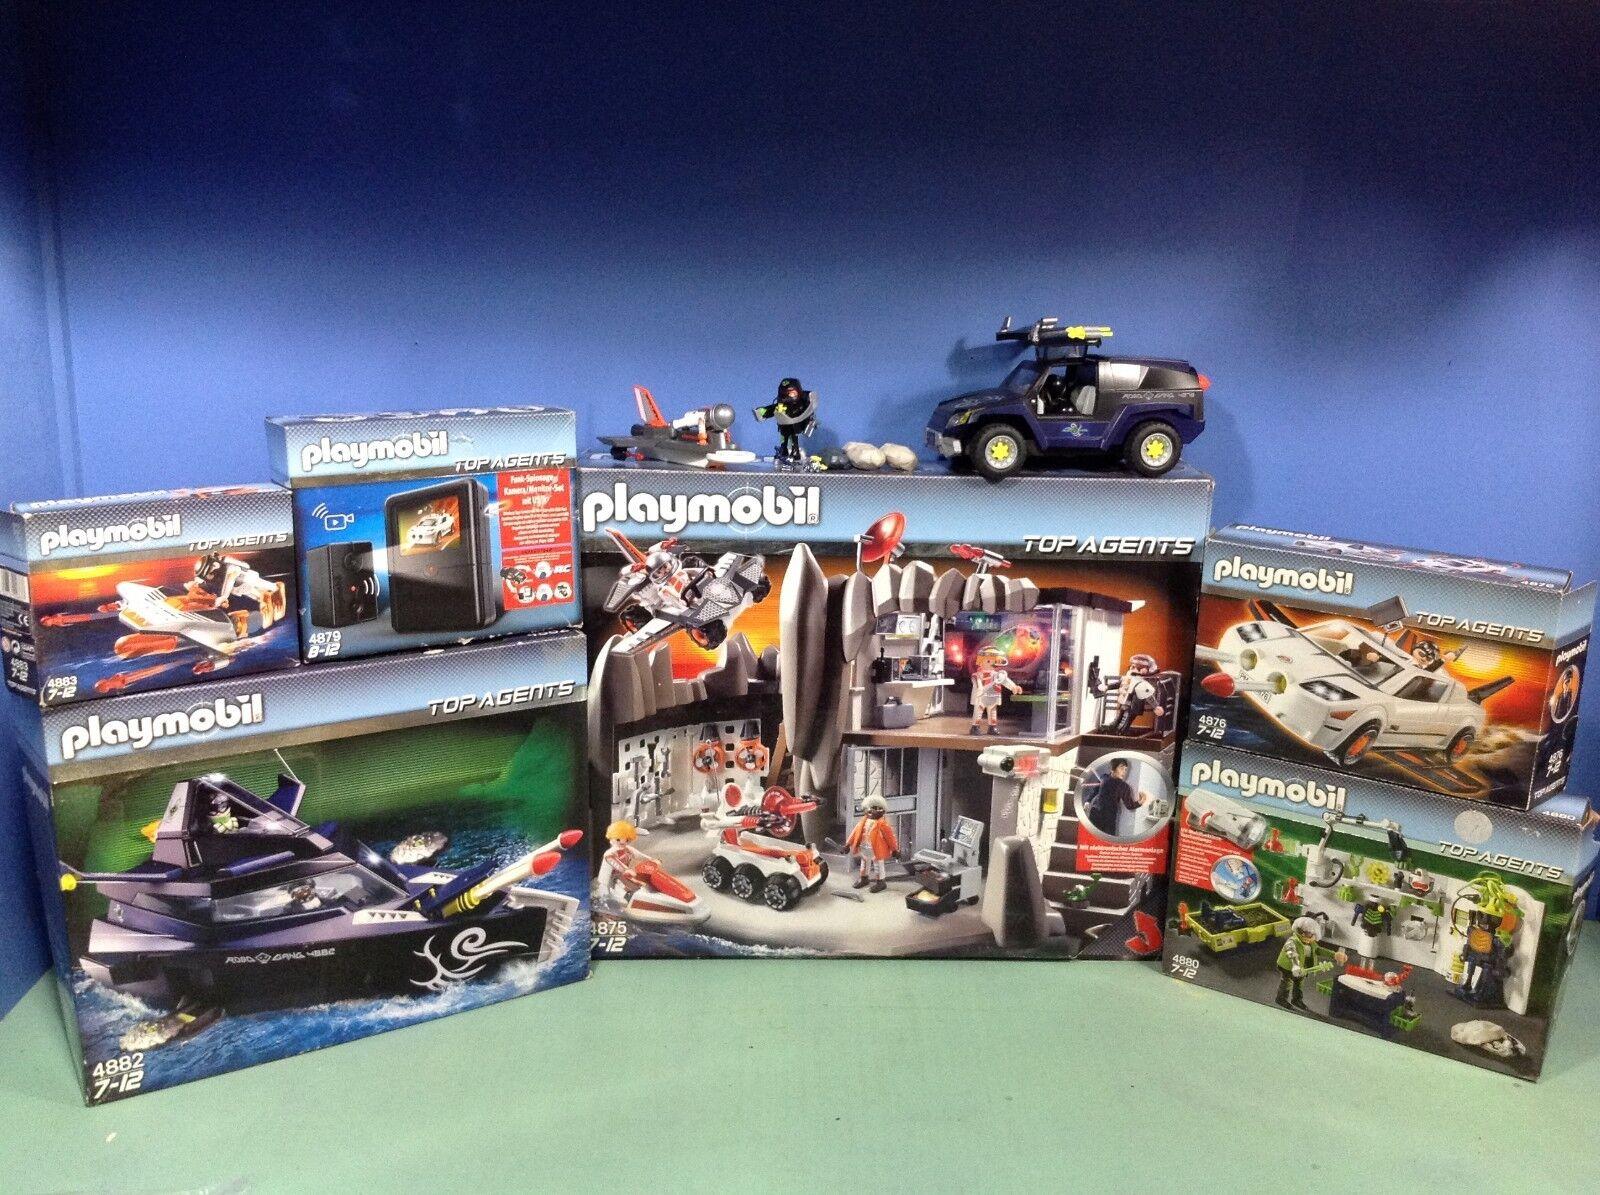 (P4875) playmobil série top agent 4875 4876 4880 4882 4883 5287 4879 4878 4877